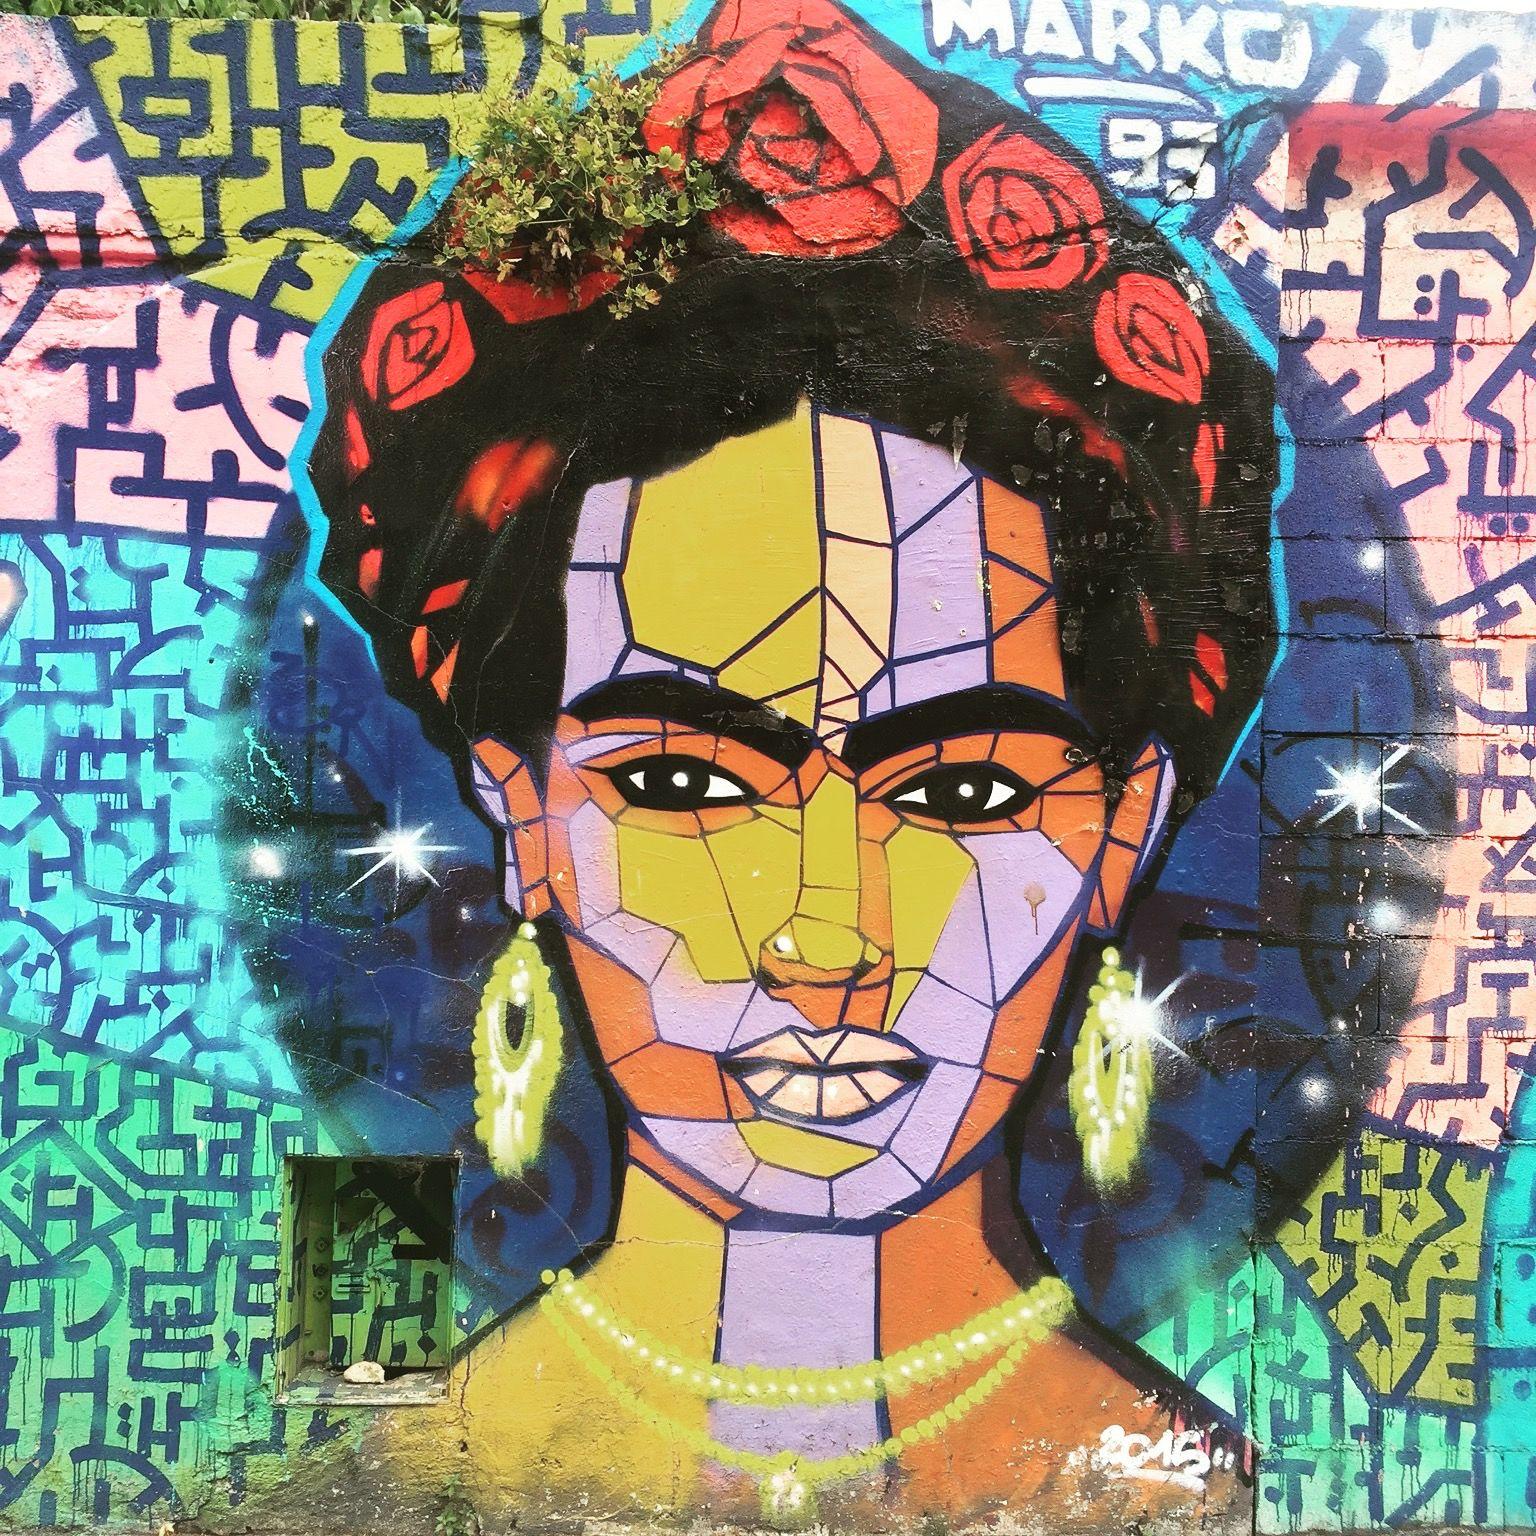 """""""No estoy enferma! estoy rota, pero estoy feliz de estar viva mientras pueda pintar"""" #fridakahlo by @marko93darkvapor #marko93 #darkvapor #parrot #monkey #streetart #graffiti #graff #spray #bombing #wall #instagraff #streetartist #urbanart #urbanartist  #streetartparis #parisgraffiti #graffitiwall #wallporn #wallpornart #streetarteverywhere #streetphoto #streetartandgraffiti #urbanwalls #graffart  Rue de l'Ourq #paris"""